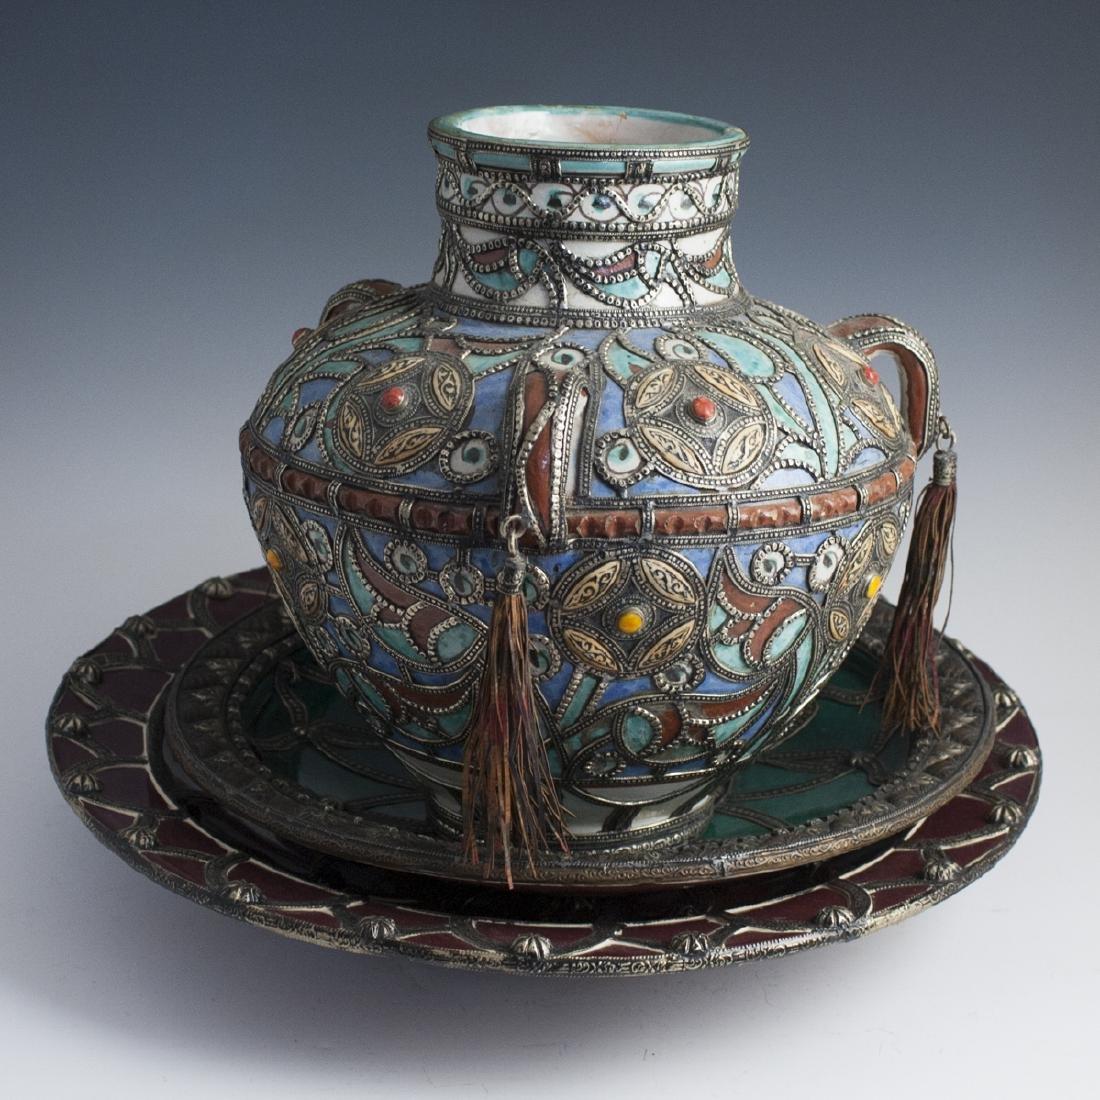 Vintage Moroccan Glazed Pottery